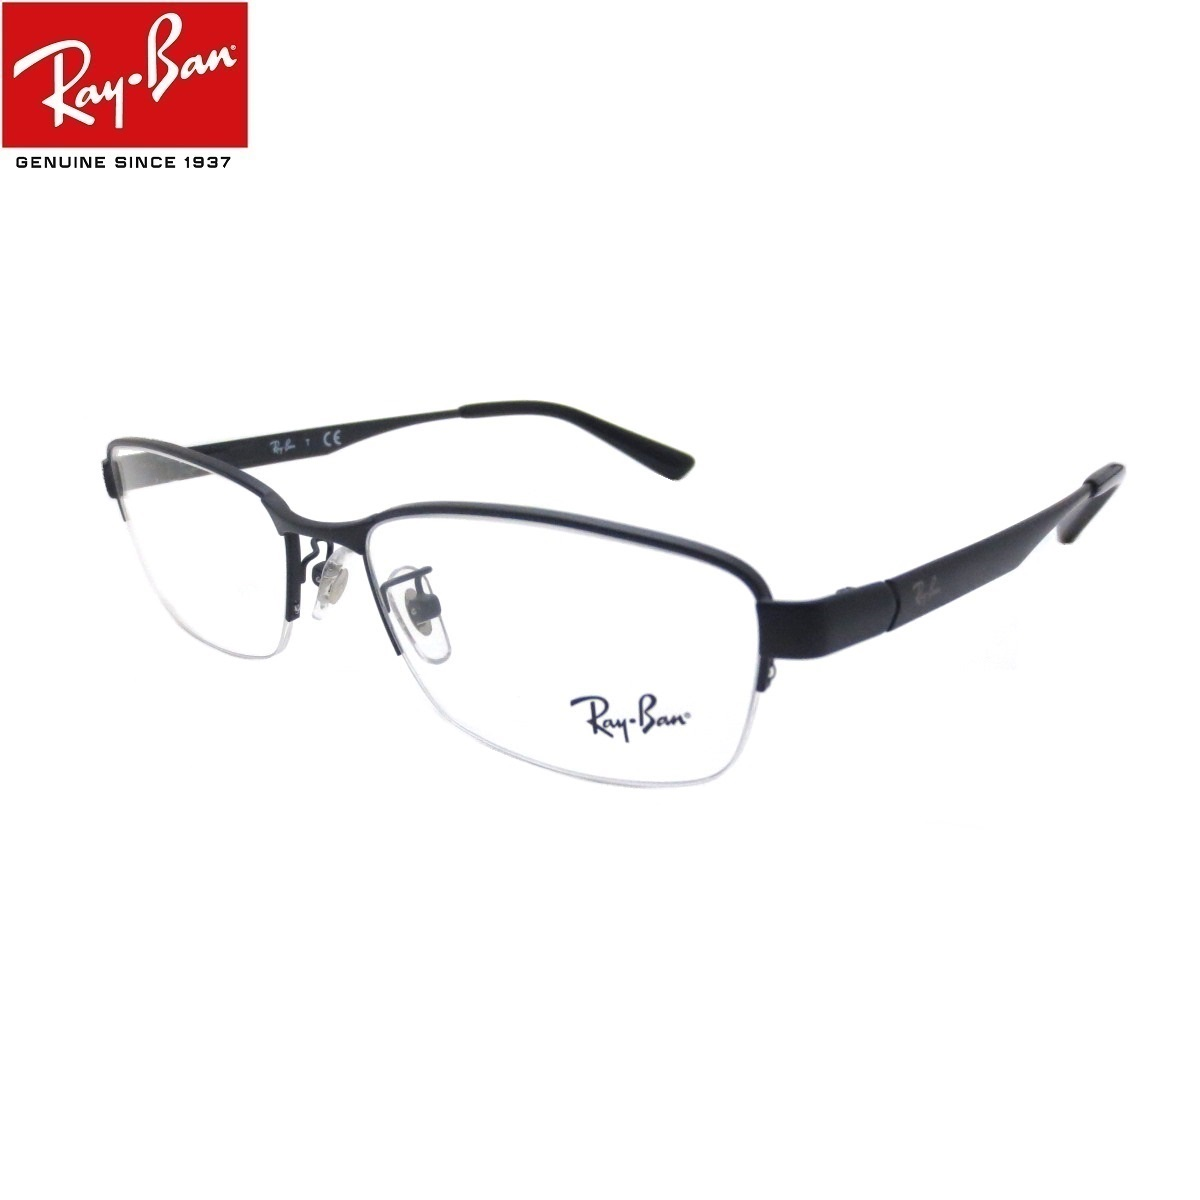 あす楽対応 メガネ 度付き お買い得品 老眼鏡 UVカット 超撥水 防汚コート付 +0.50 訳あり商品 +1.00 +1.25 +1.50 +1.75 +2.00 +2.25 +3.00 UVカットレンズ付き +2.75 +4.00レイバン サイズ55 クリアレンズ 2503 +2.50 レイバン Ray-Ban +3.50 シニアグラス RX6453D